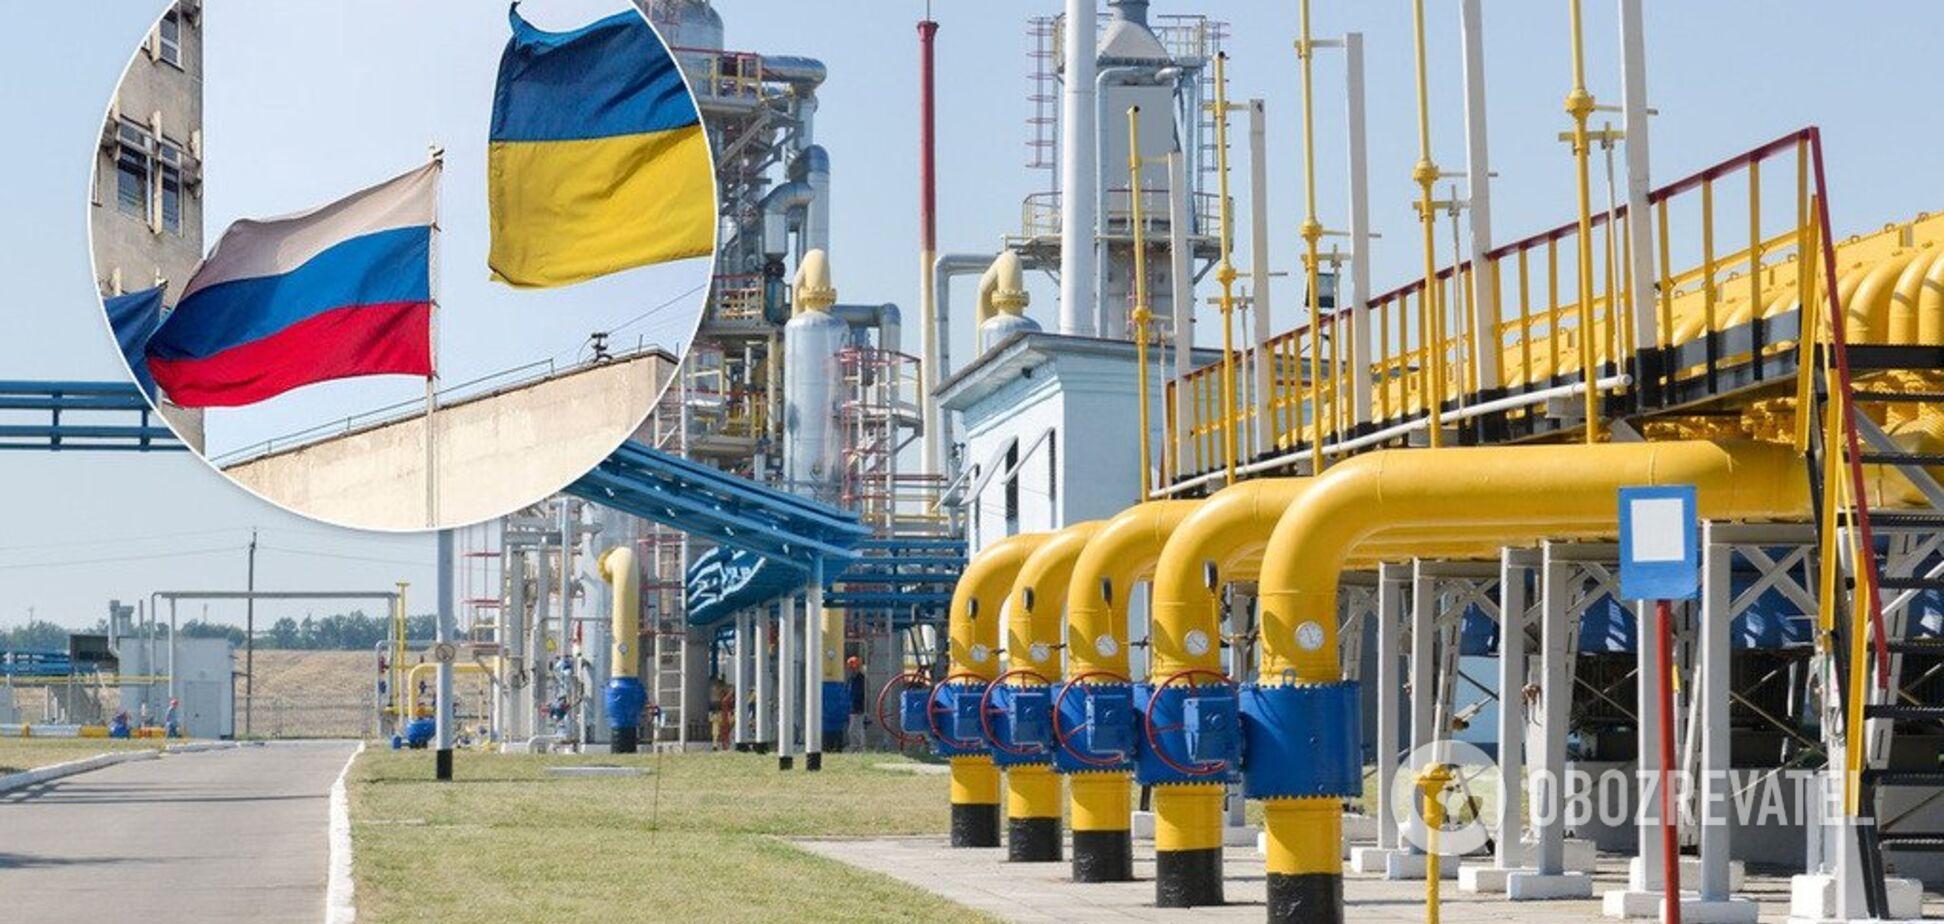 Стало известно, когда Украина подпишет газовый контракт с Россией